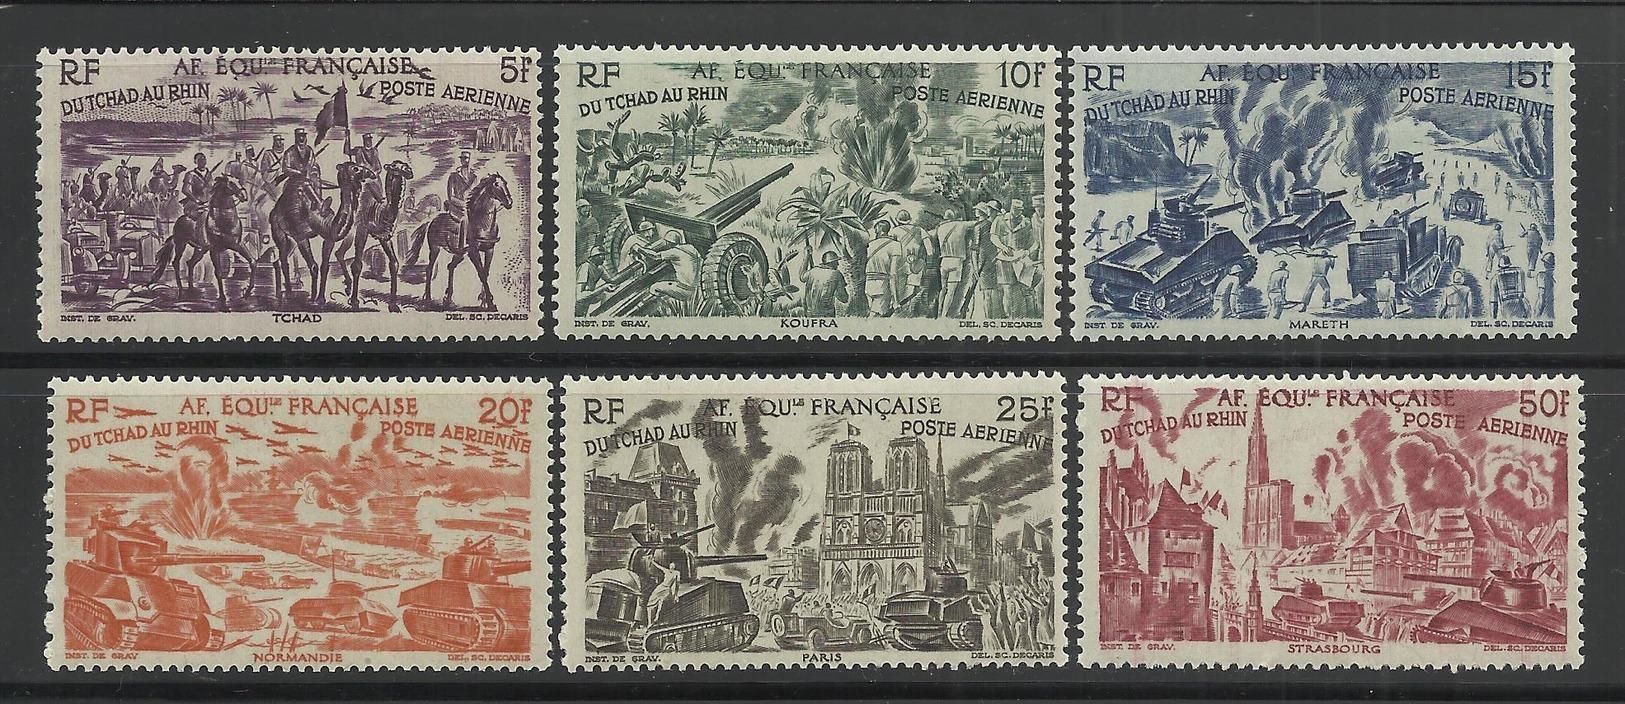 AFRIQUE EQUATORIALE FRANCAISE - AEF - A.E.F. - 1946 - YT PA 44/49** - SERIE COMPLETE - Neufs